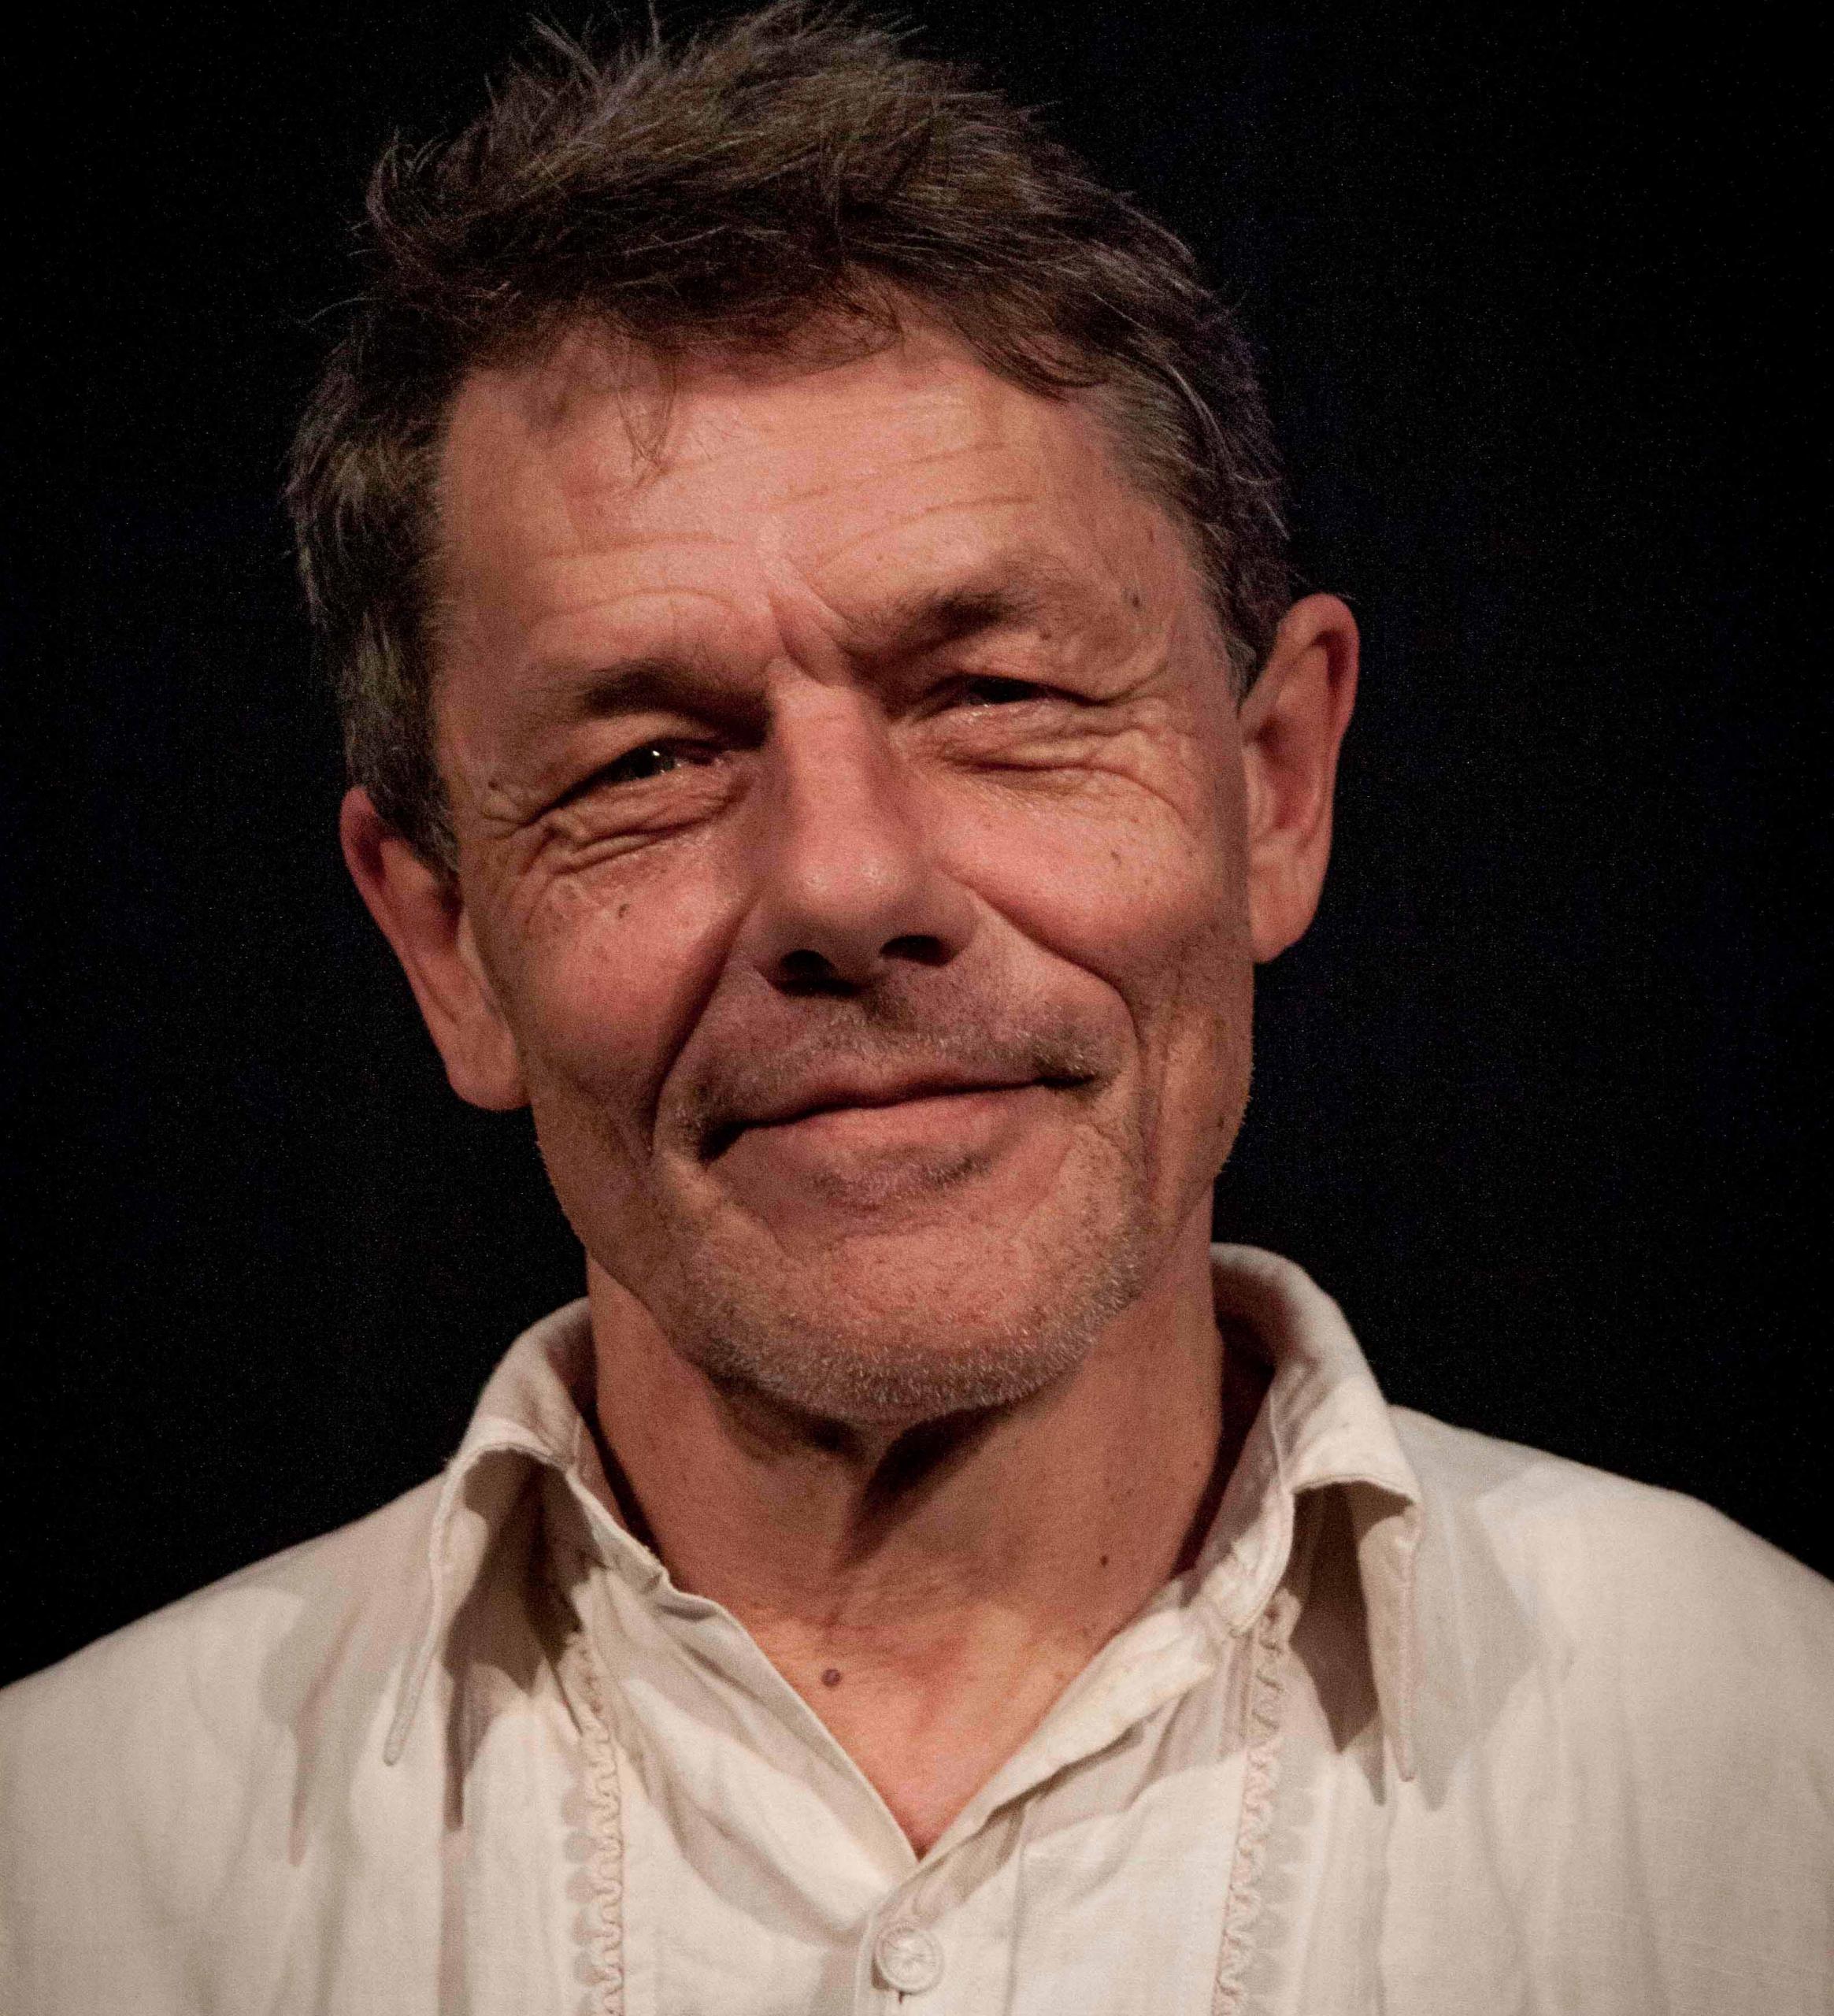 Portraitfoto von Jobst Langhans, Regie des Kindertheaters auf der Wasserburg Dessau-Roßlau.